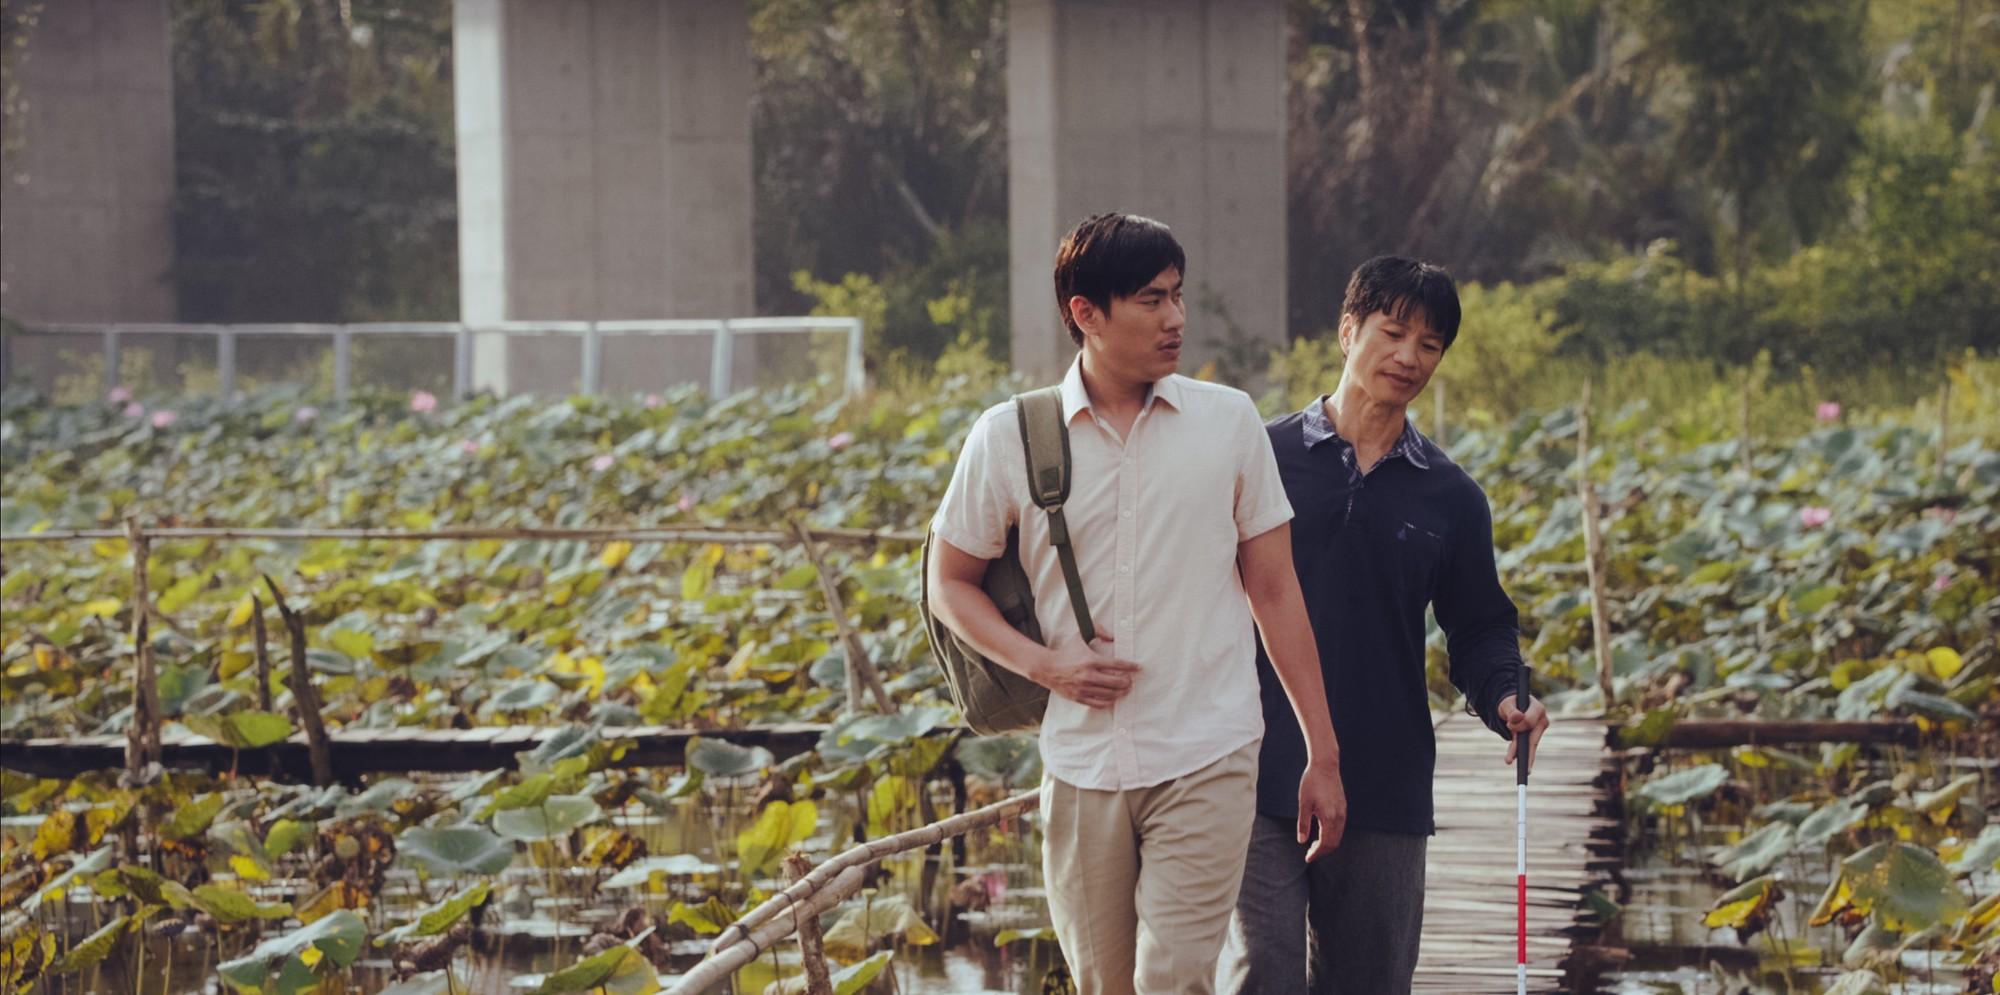 Hoài Linh, Ngô Thanh Vân, Trường Giang và Kiều Minh Tuấn: Đại chiến phim Tết 2018 đã được châm ngòi! - Ảnh 9.